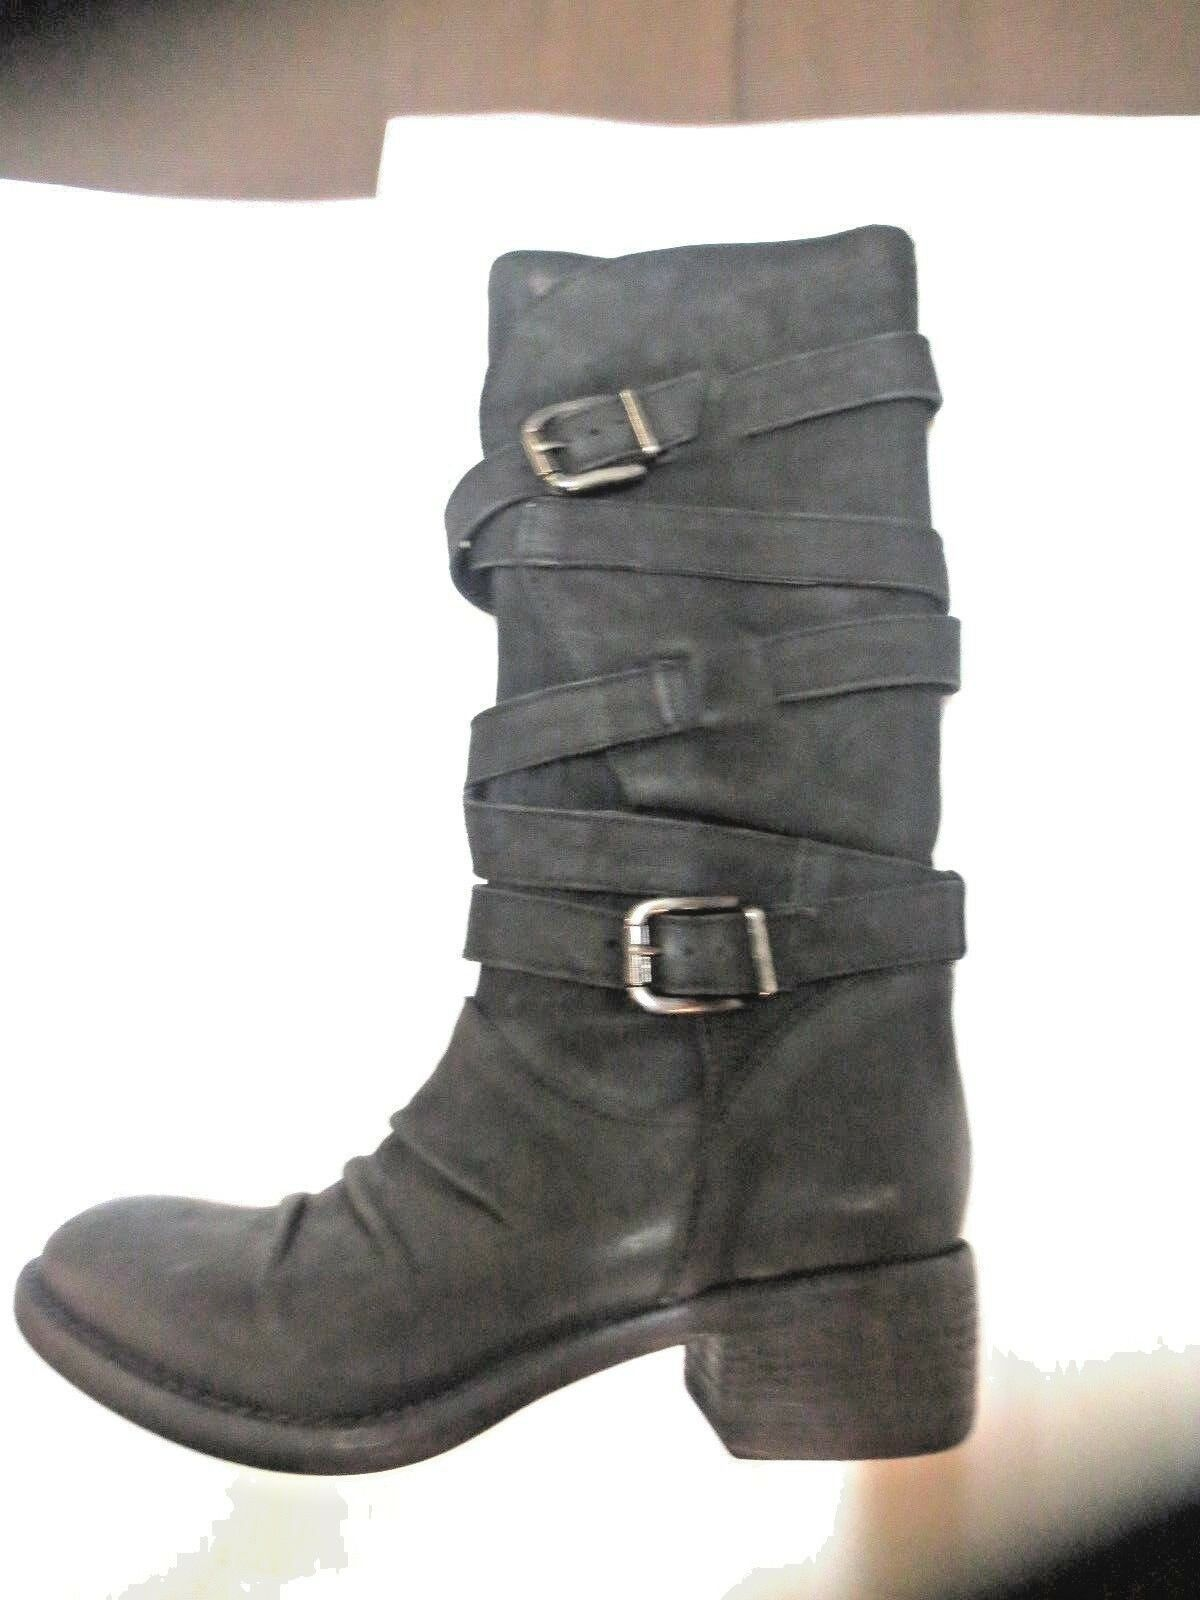 NOW Mid botte cuir noir NEUVE talon 4cm Valeur 259E Pointure 35.5